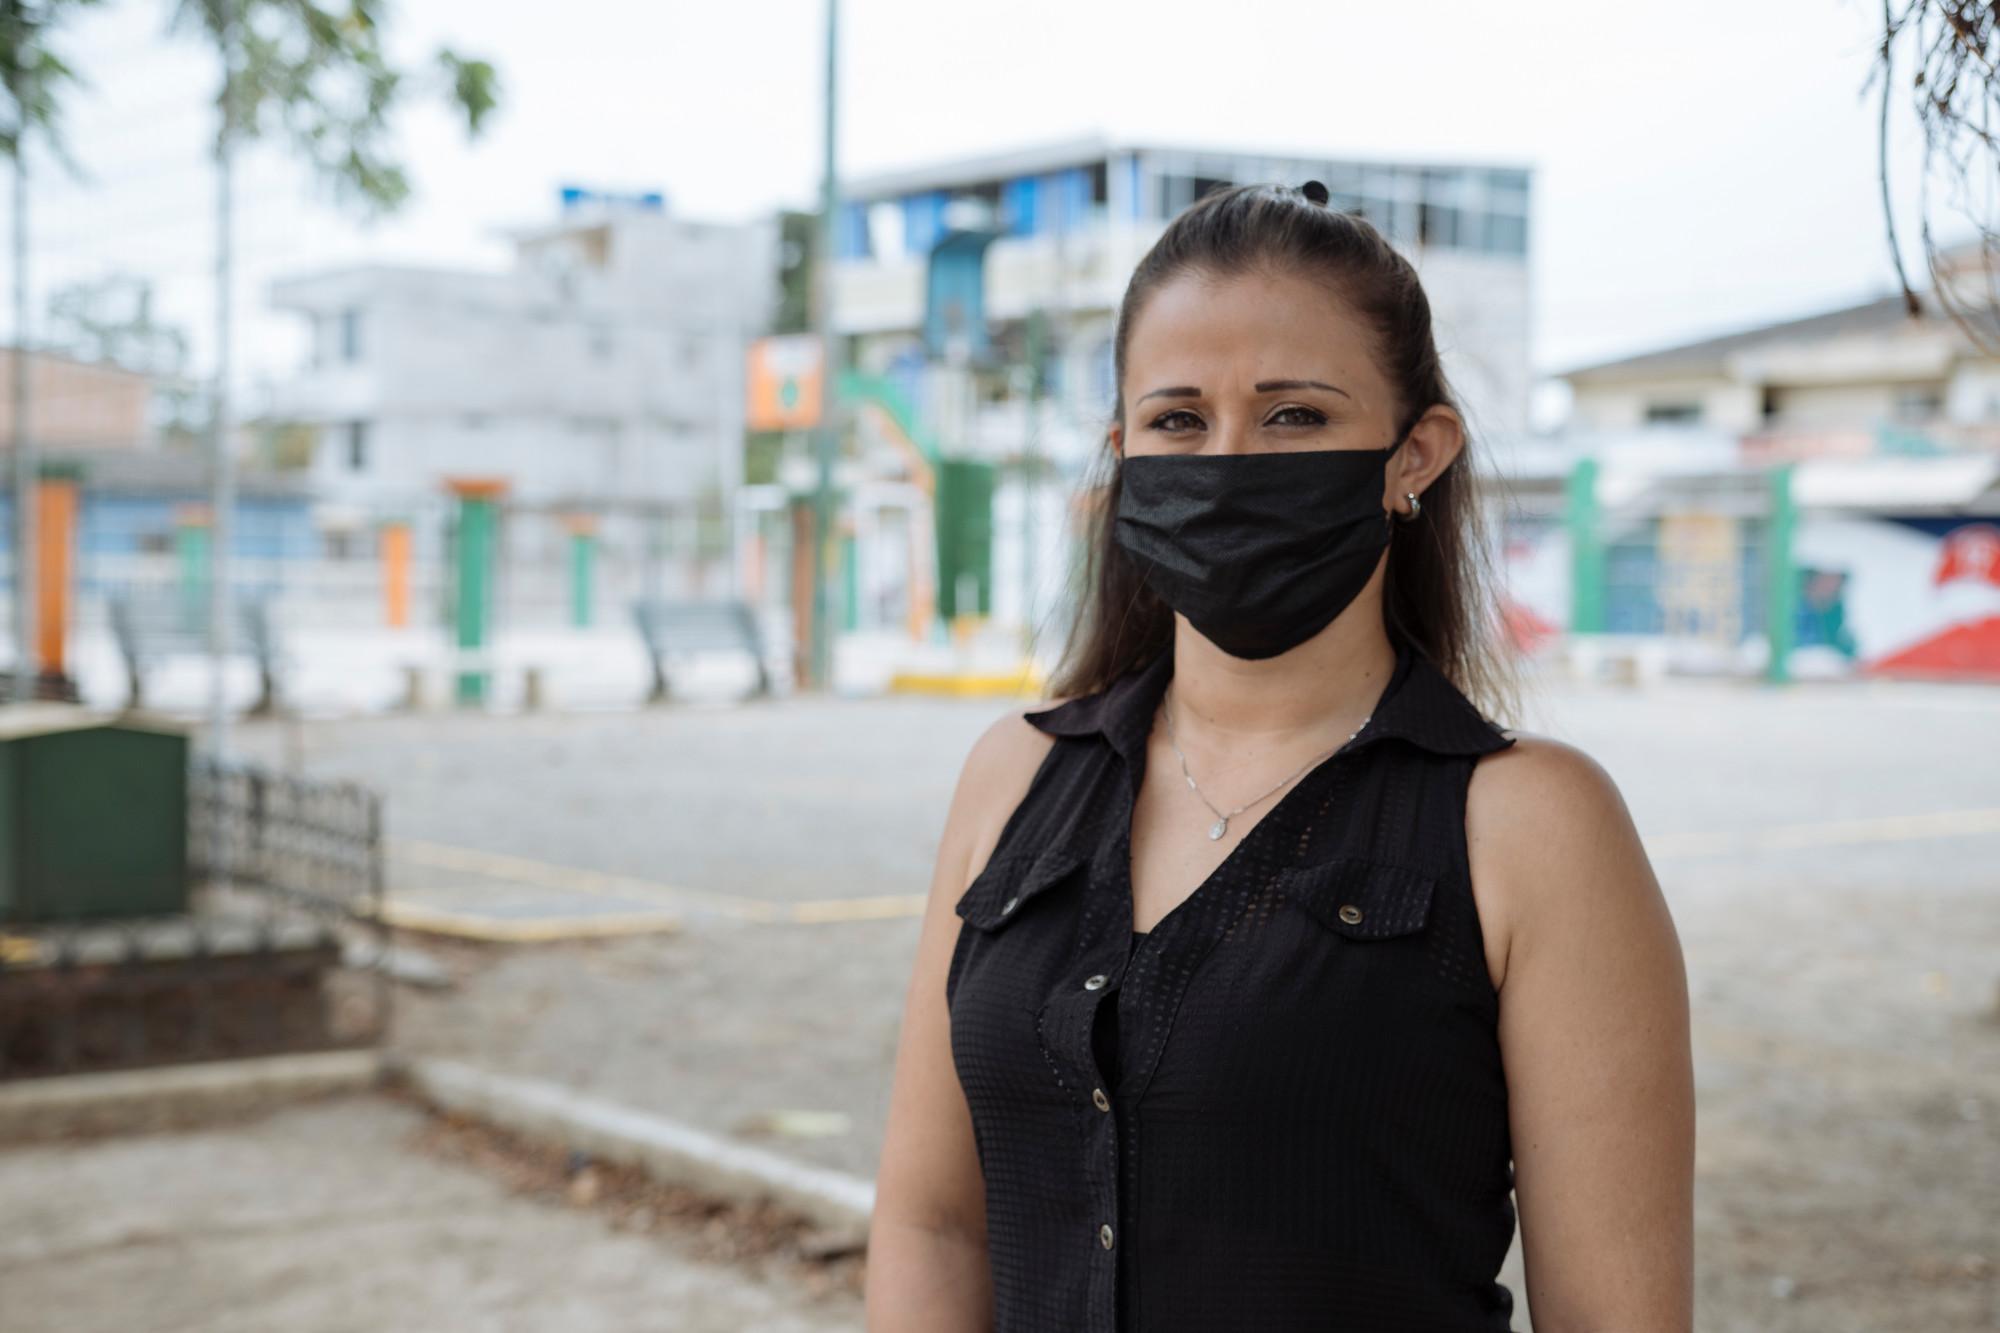 Uma mulher com uma máscara facial fica em uma rua da cidade.